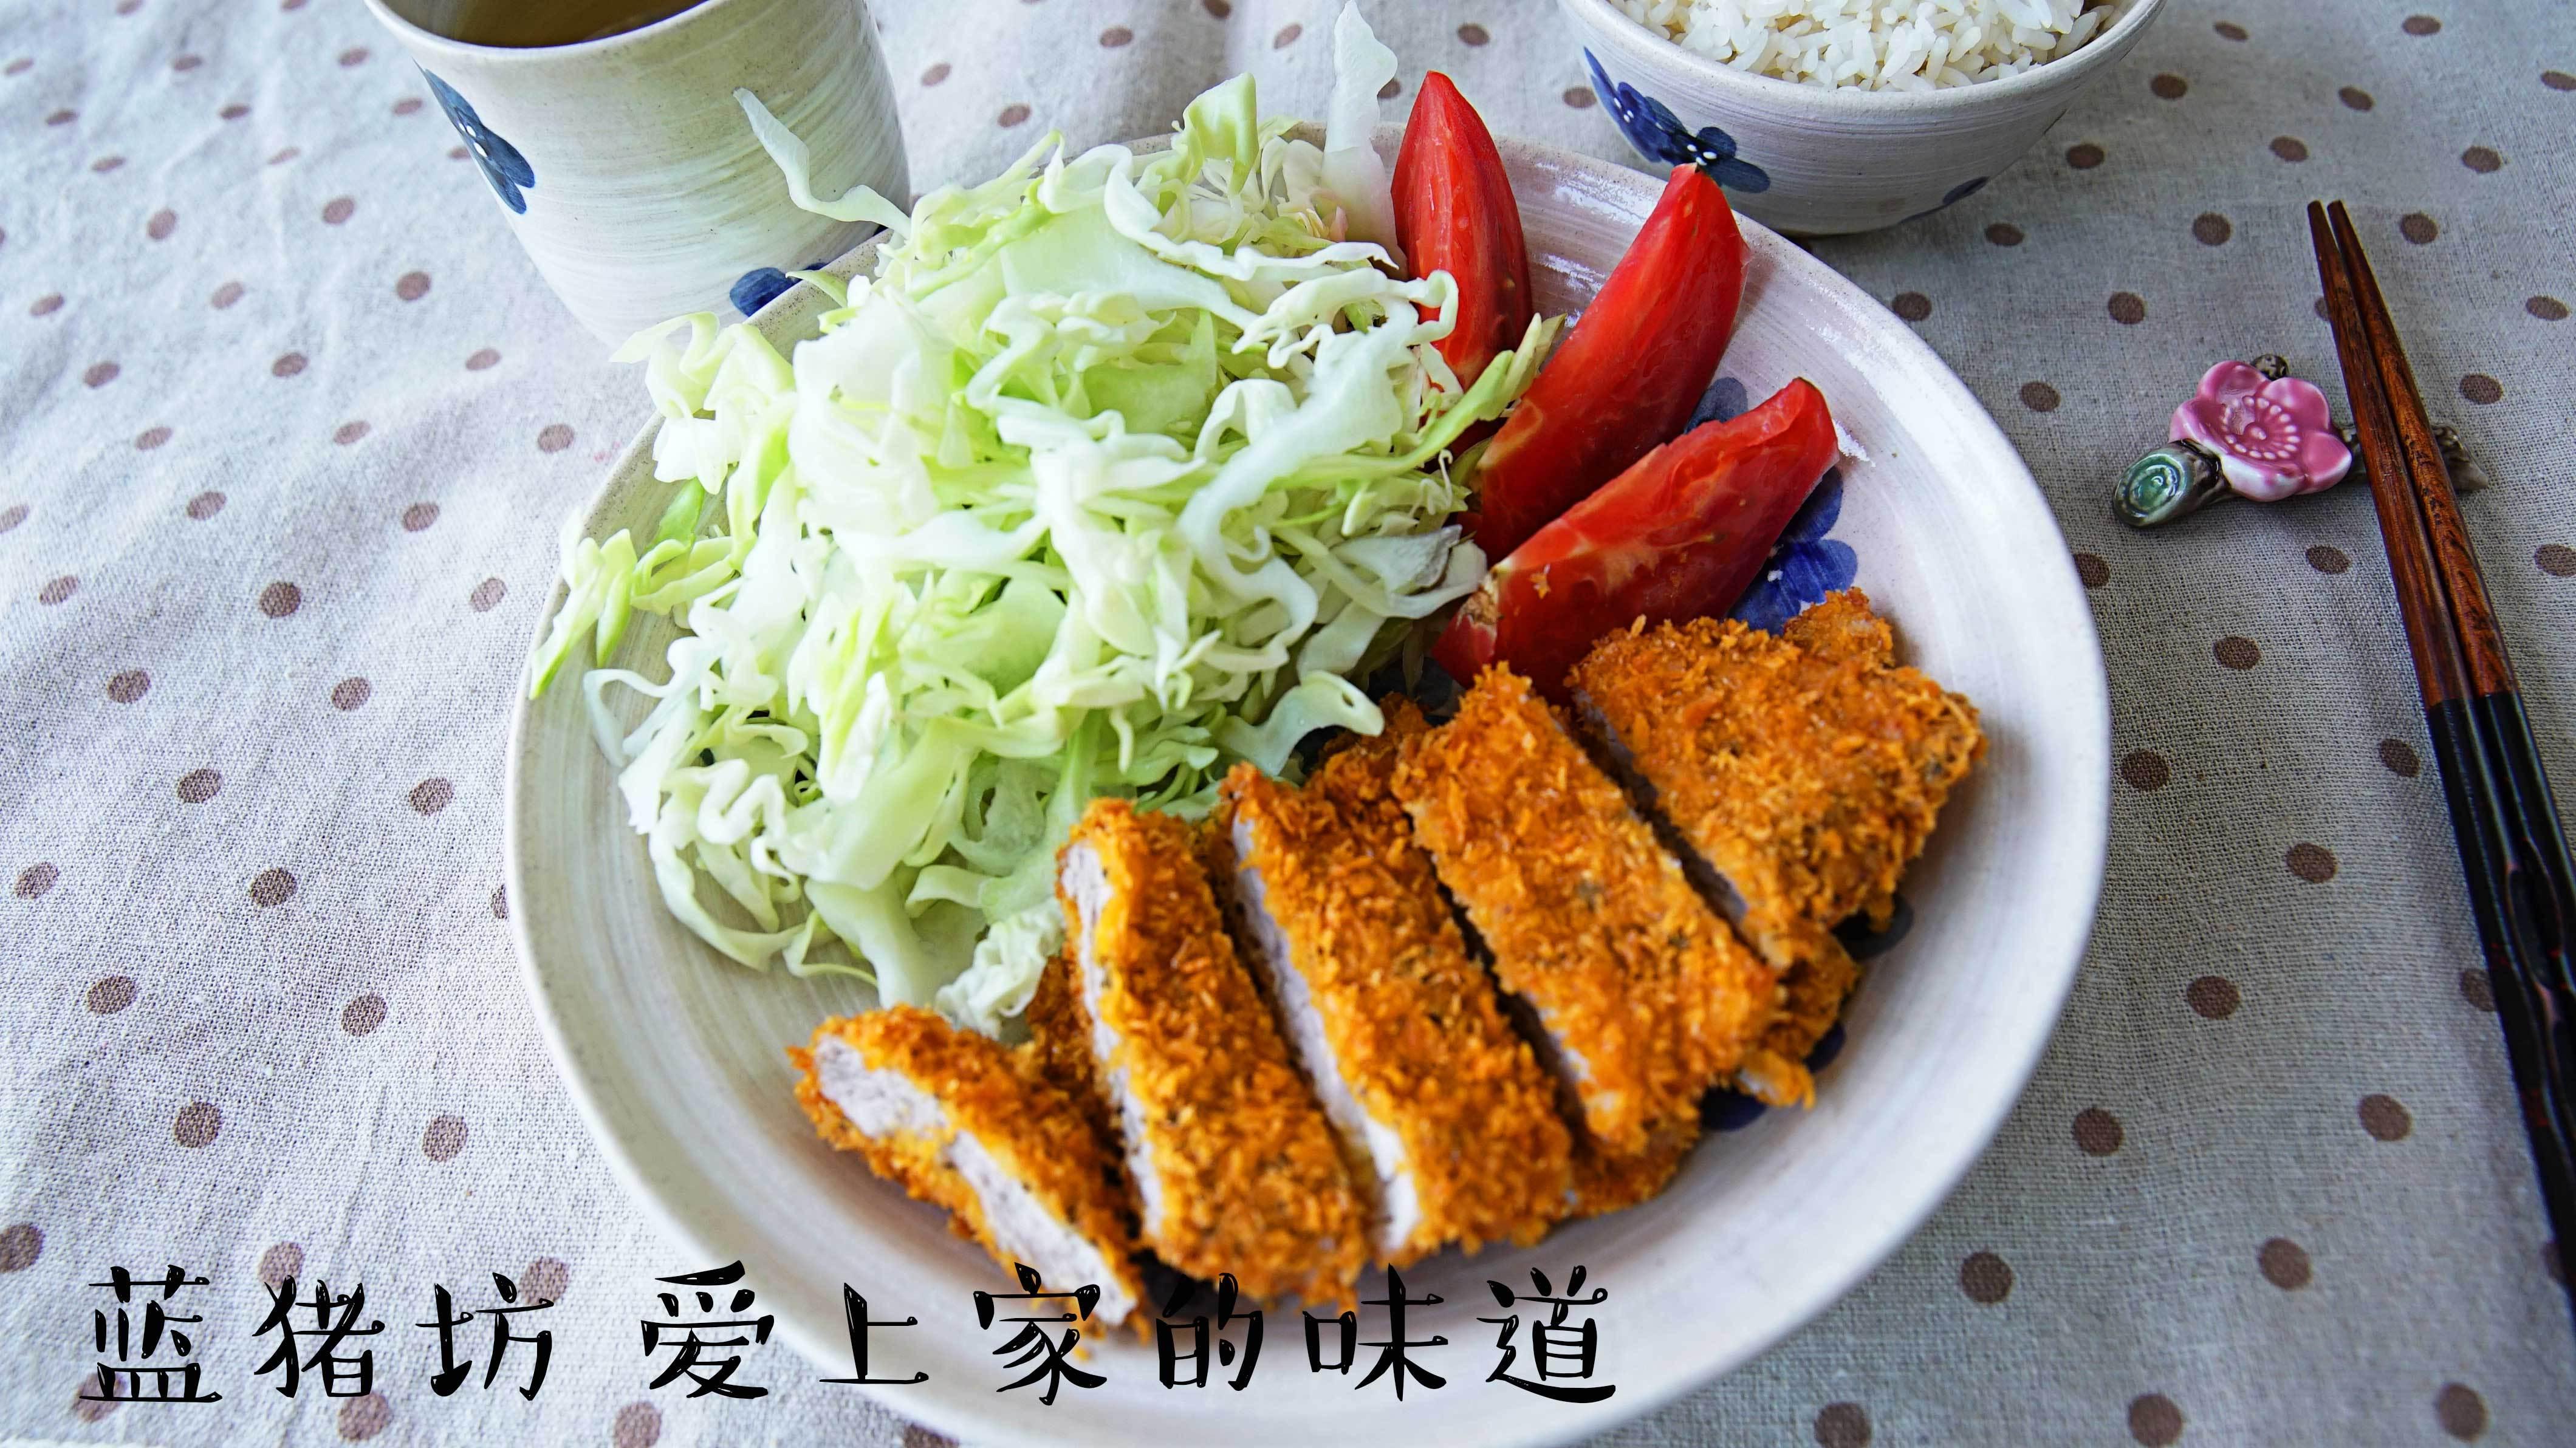 「大厨」如何炸猪排才能外焦里嫩?日料大厨教你四步做经典日式猪排饭